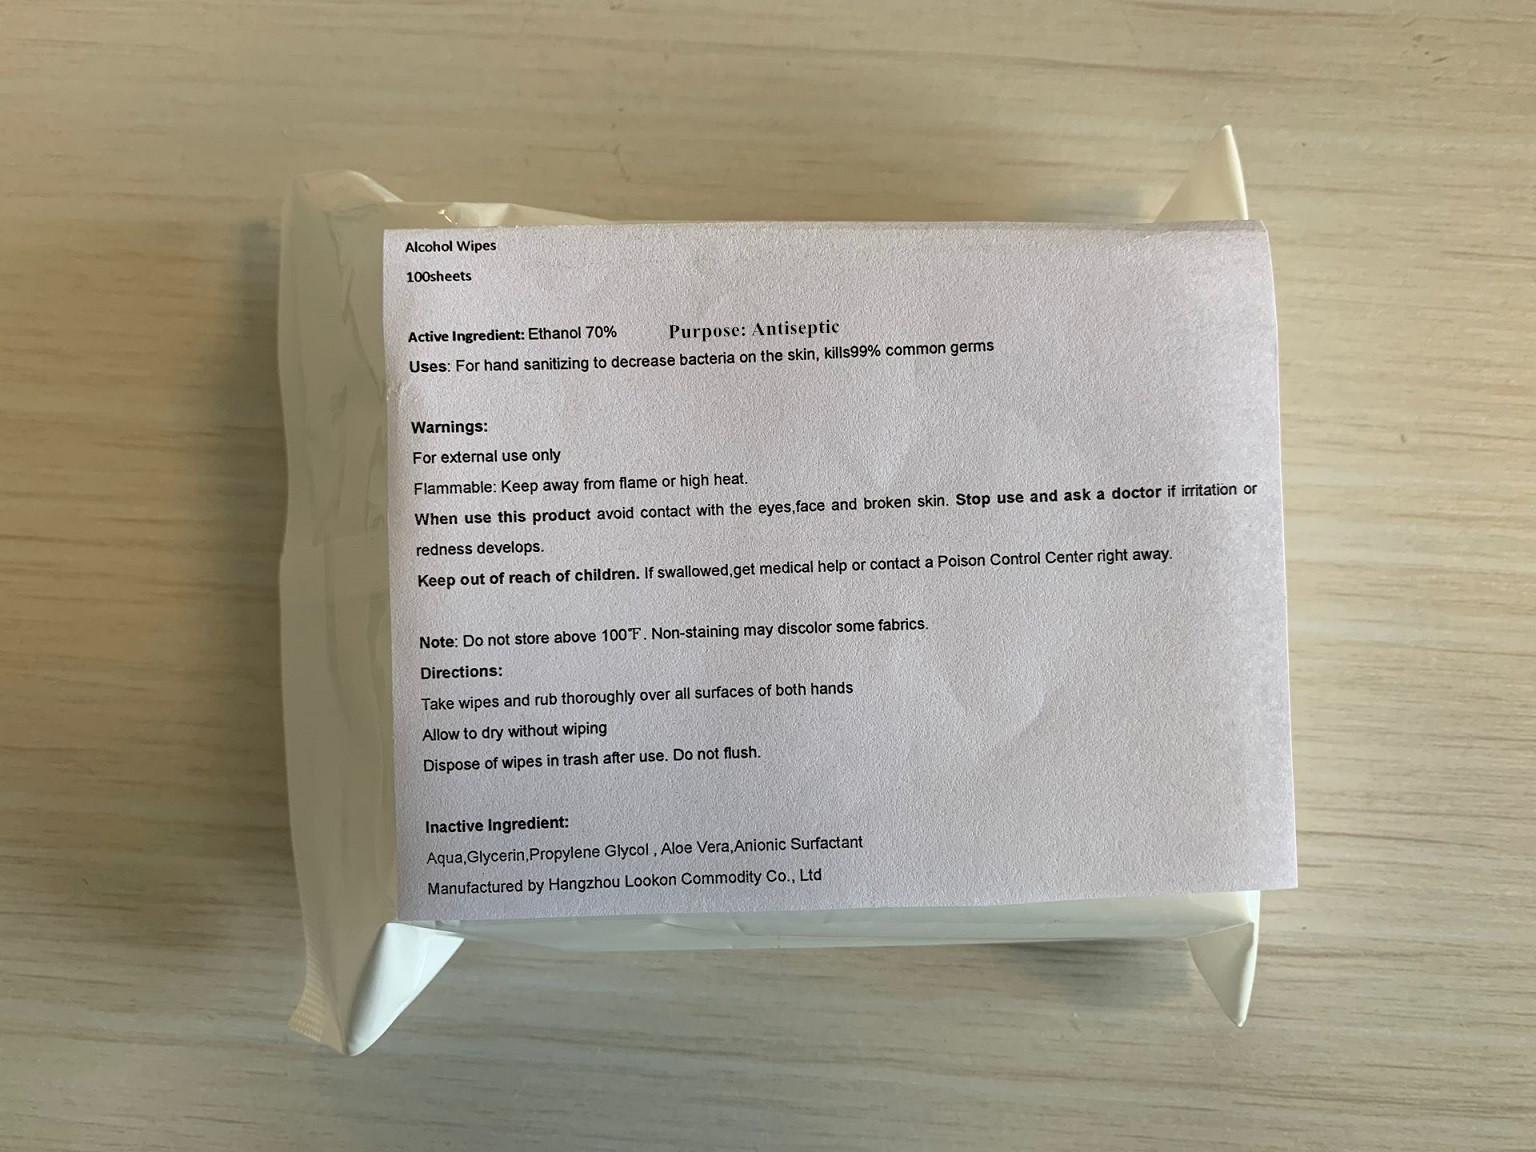 100 in bag label